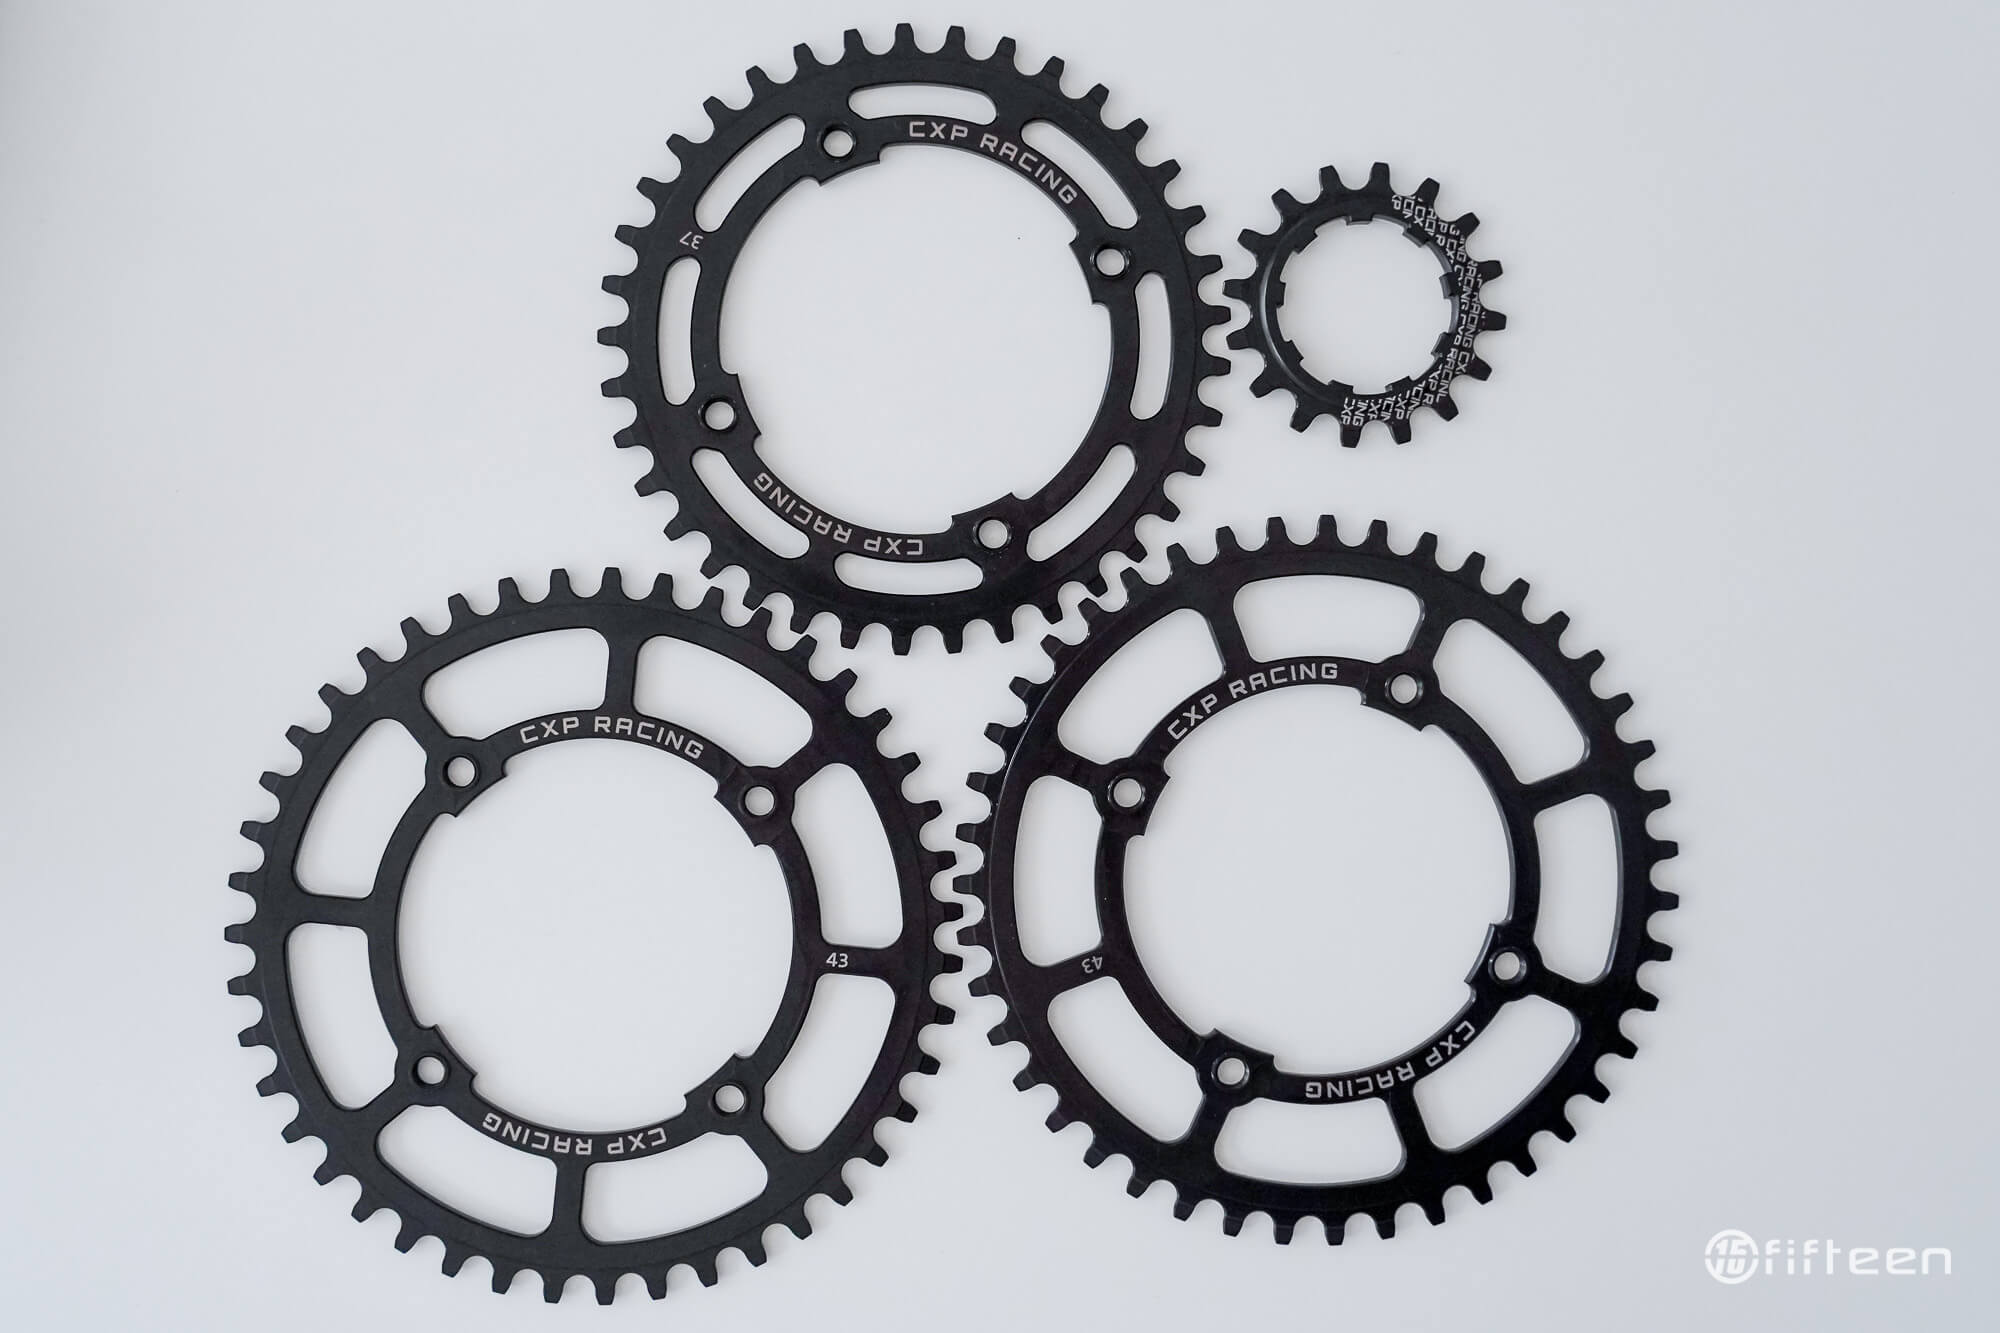 CXP Racing - Fifteen BMX Review